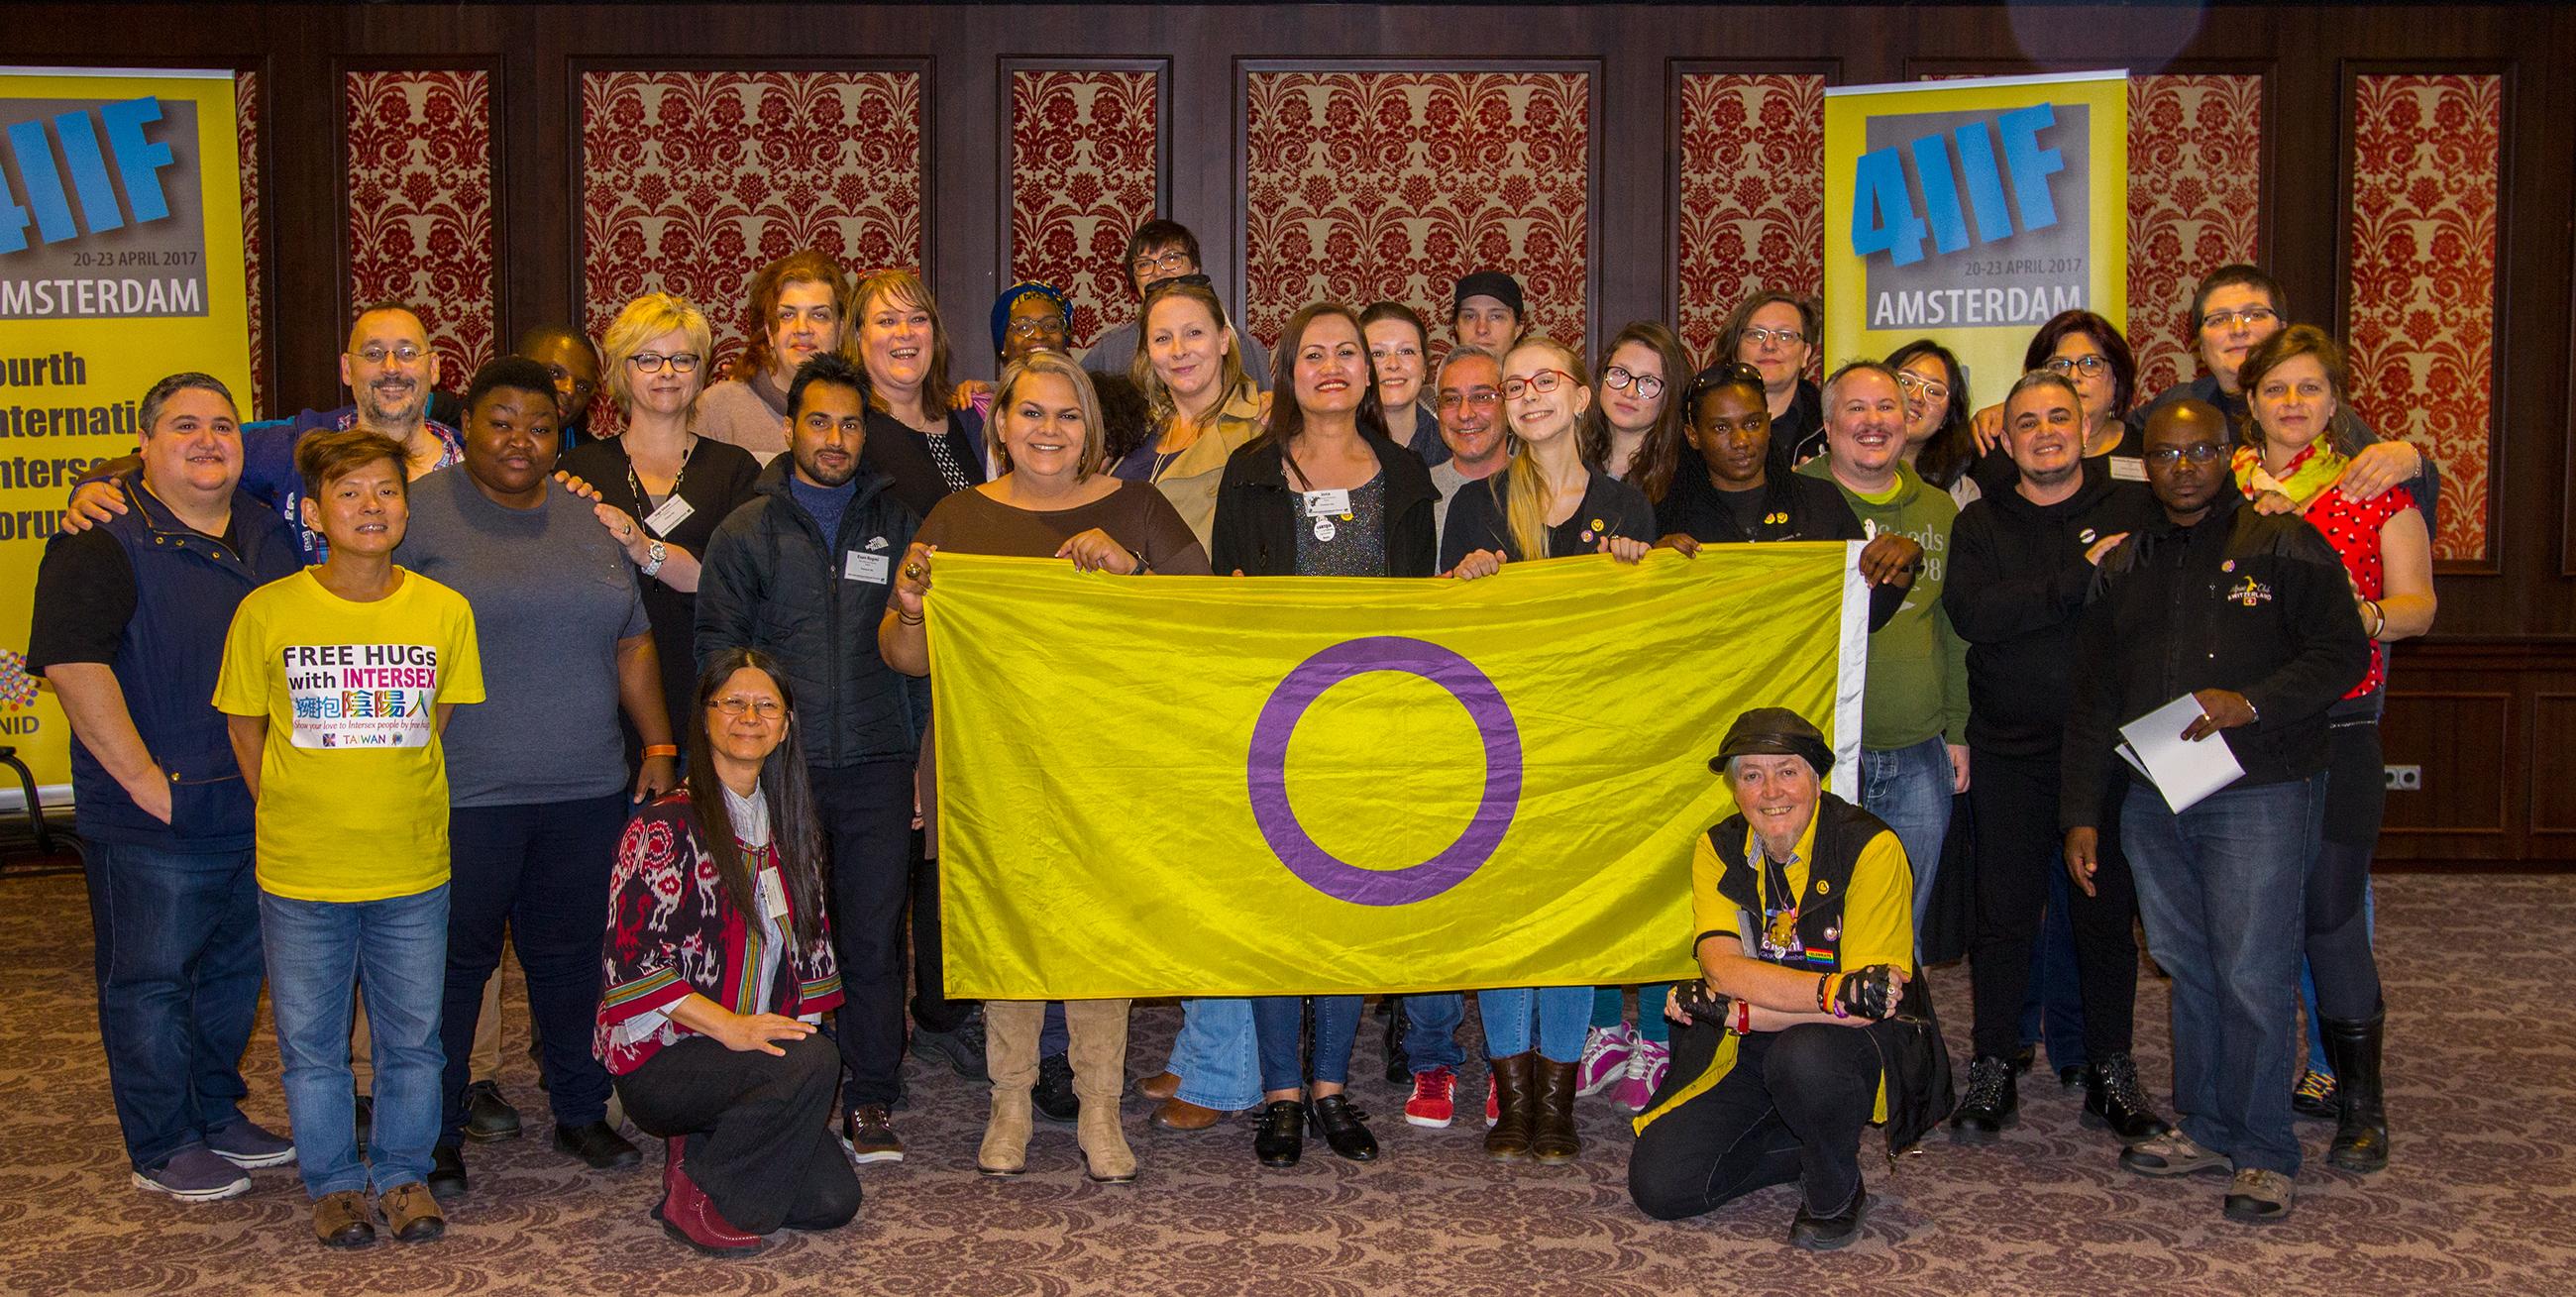 第四屆國際陰陽人論壇於阿姆斯特丹舉行